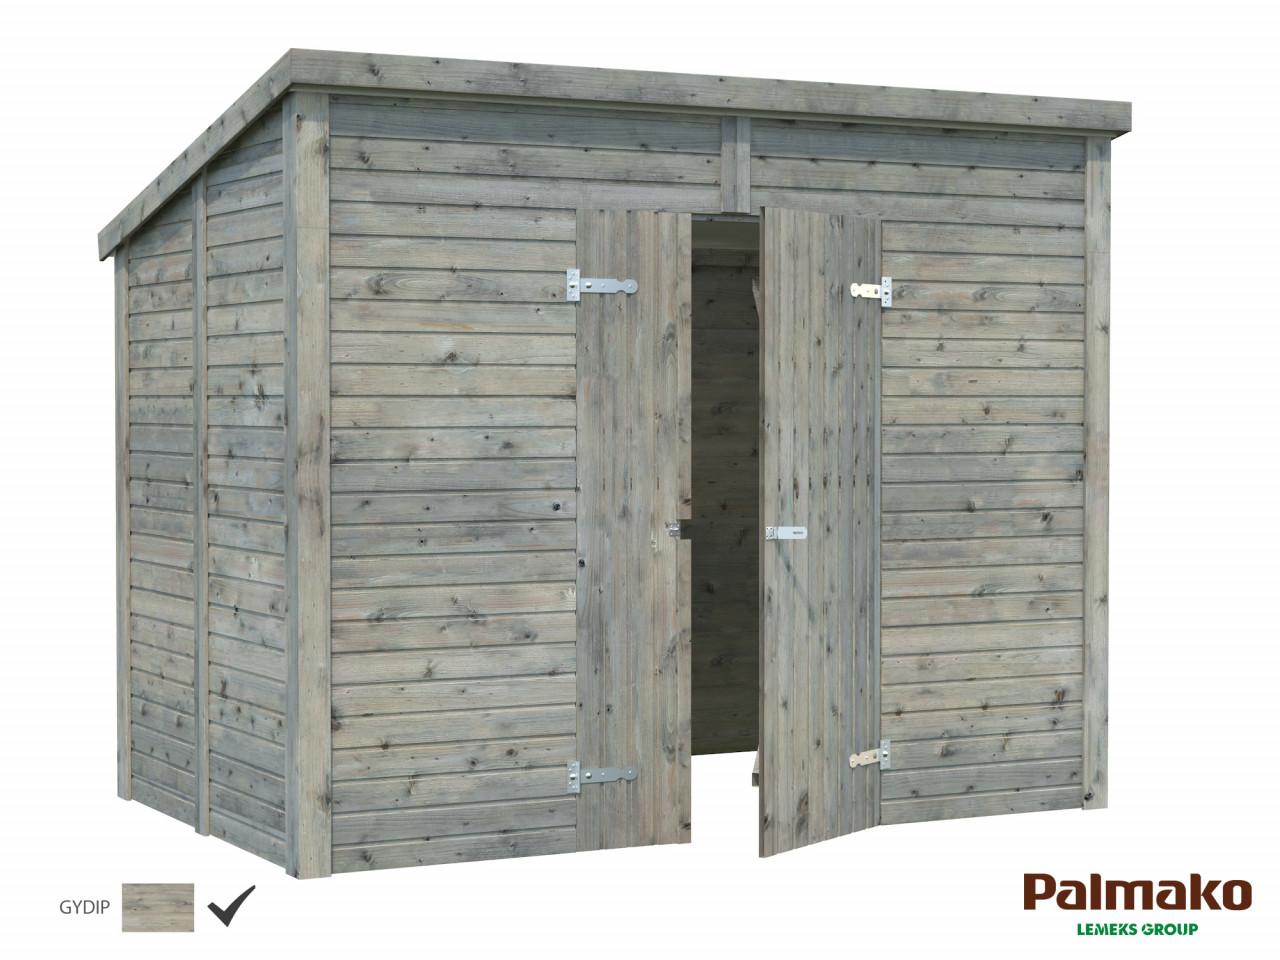 Palmako Gerätehaus Leif 4,5 m²